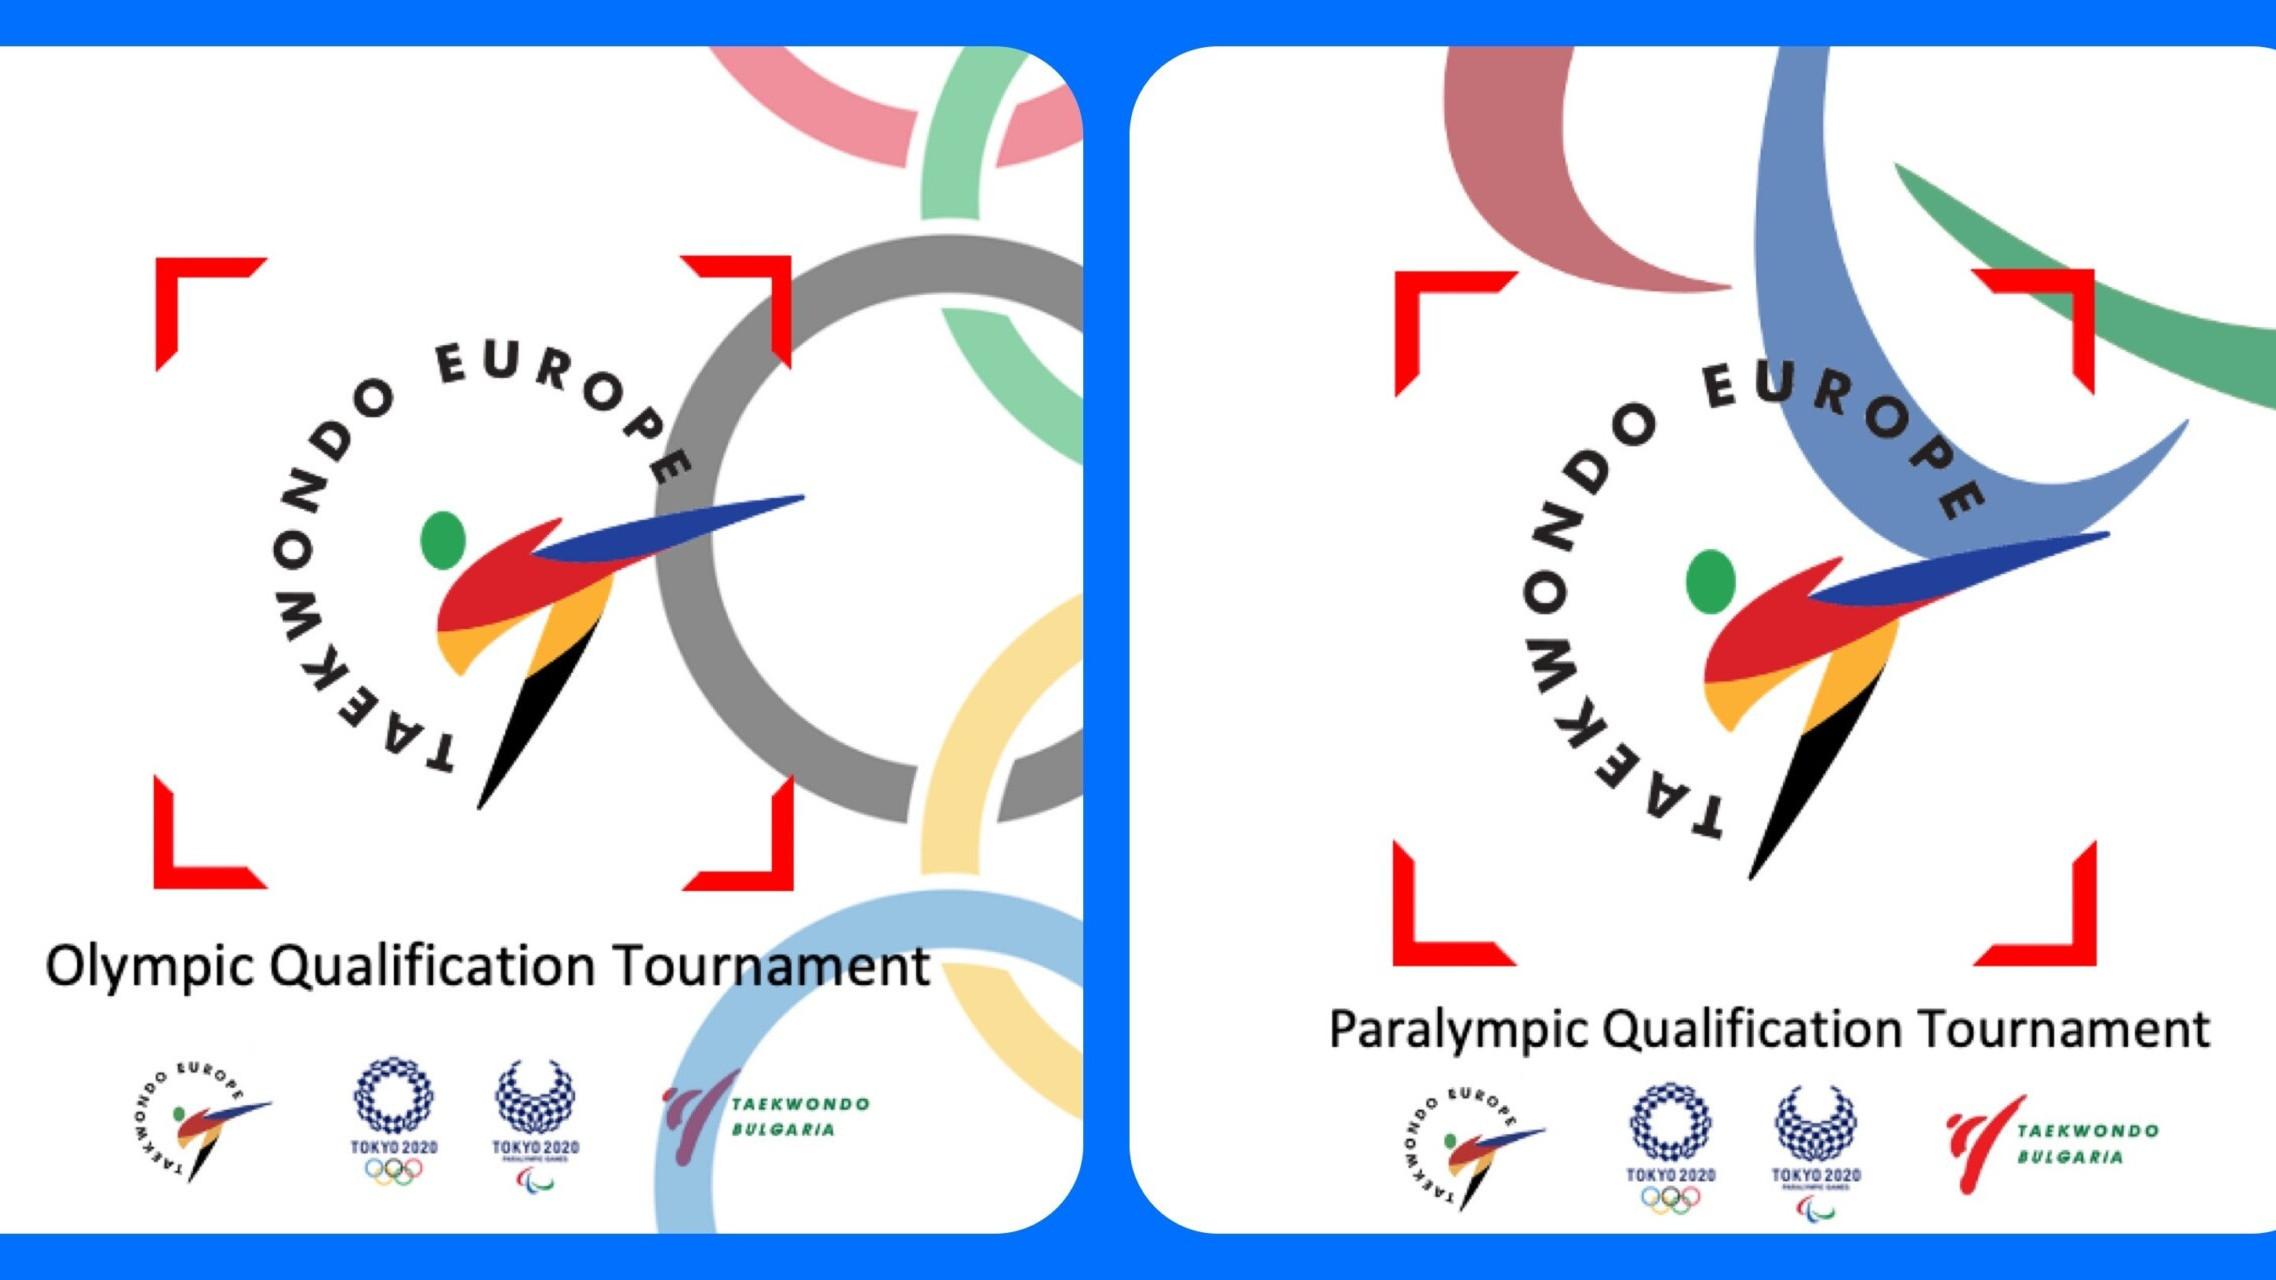 Olimpiai kvótaszerző verseny taekwondo-ban! ÉLŐ!!!